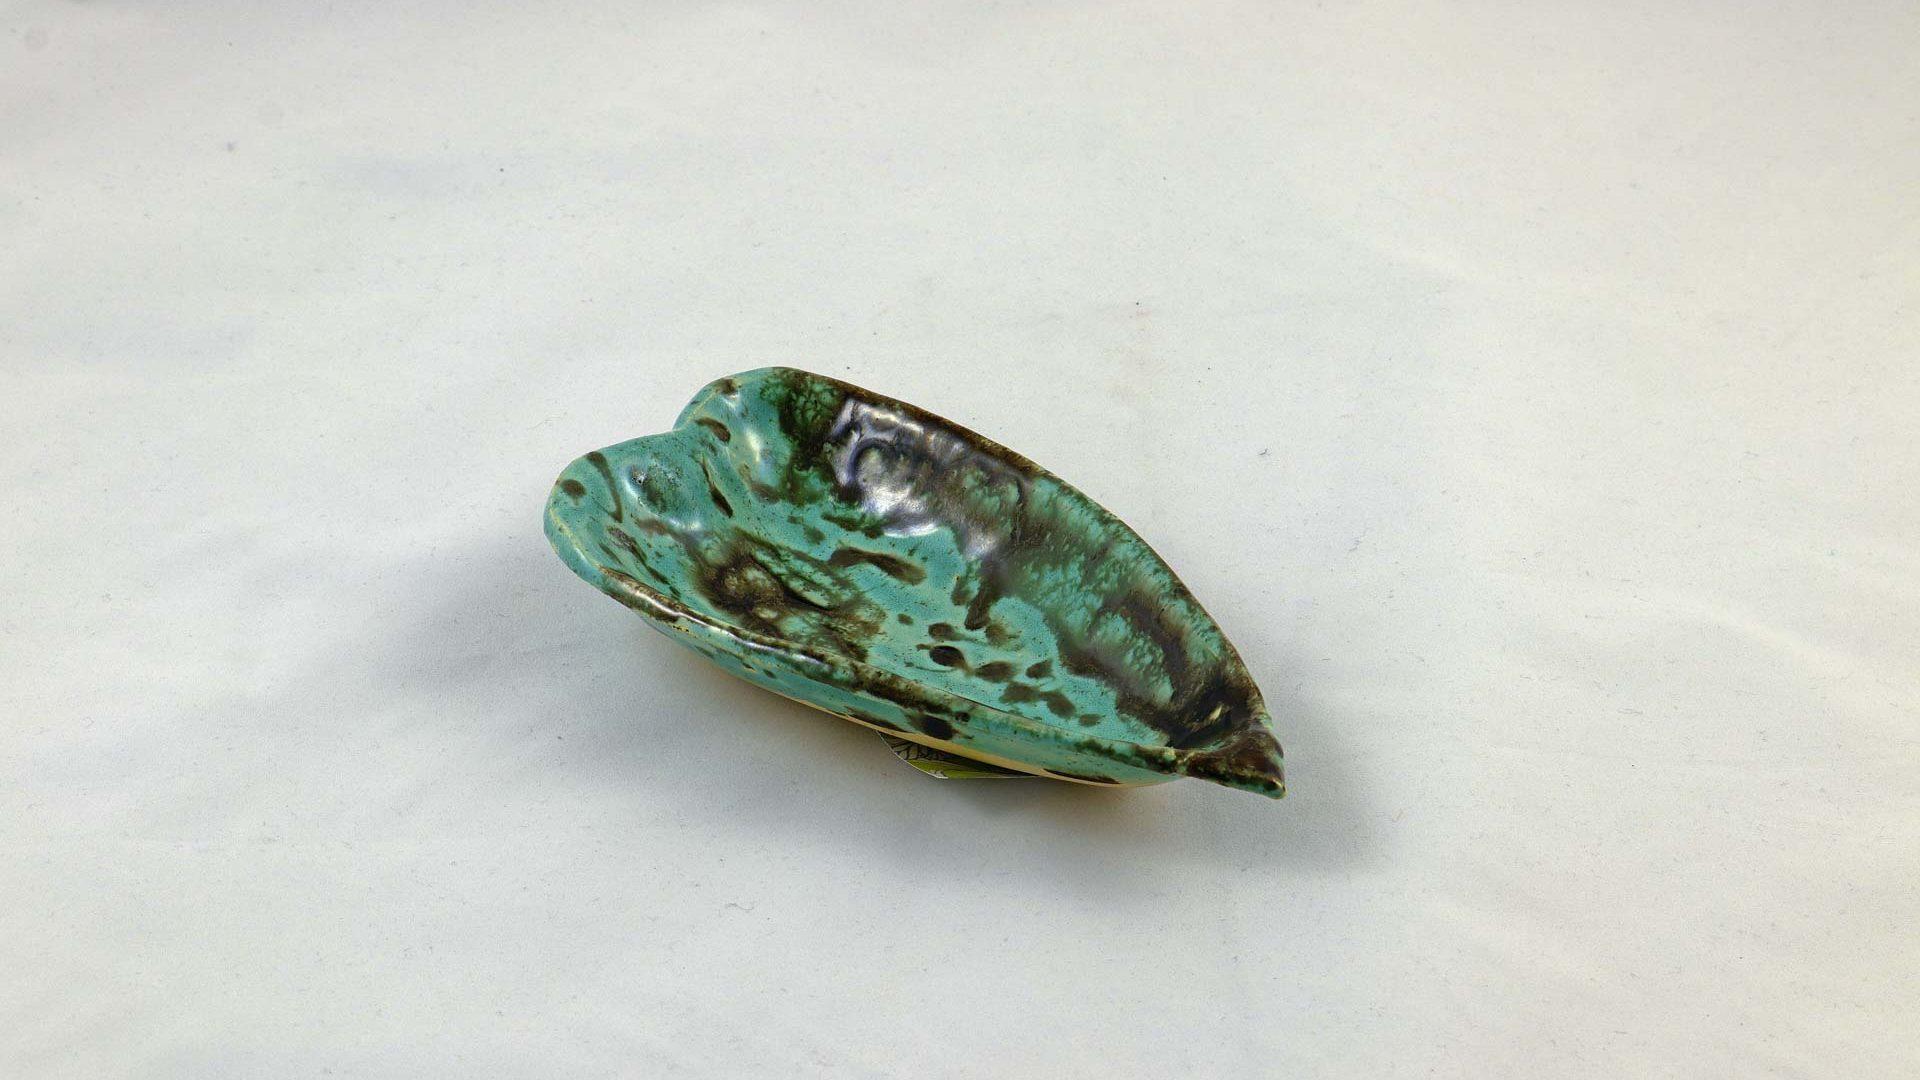 Petra Zobl Keramik - Herzschale persischblau bronzit 1